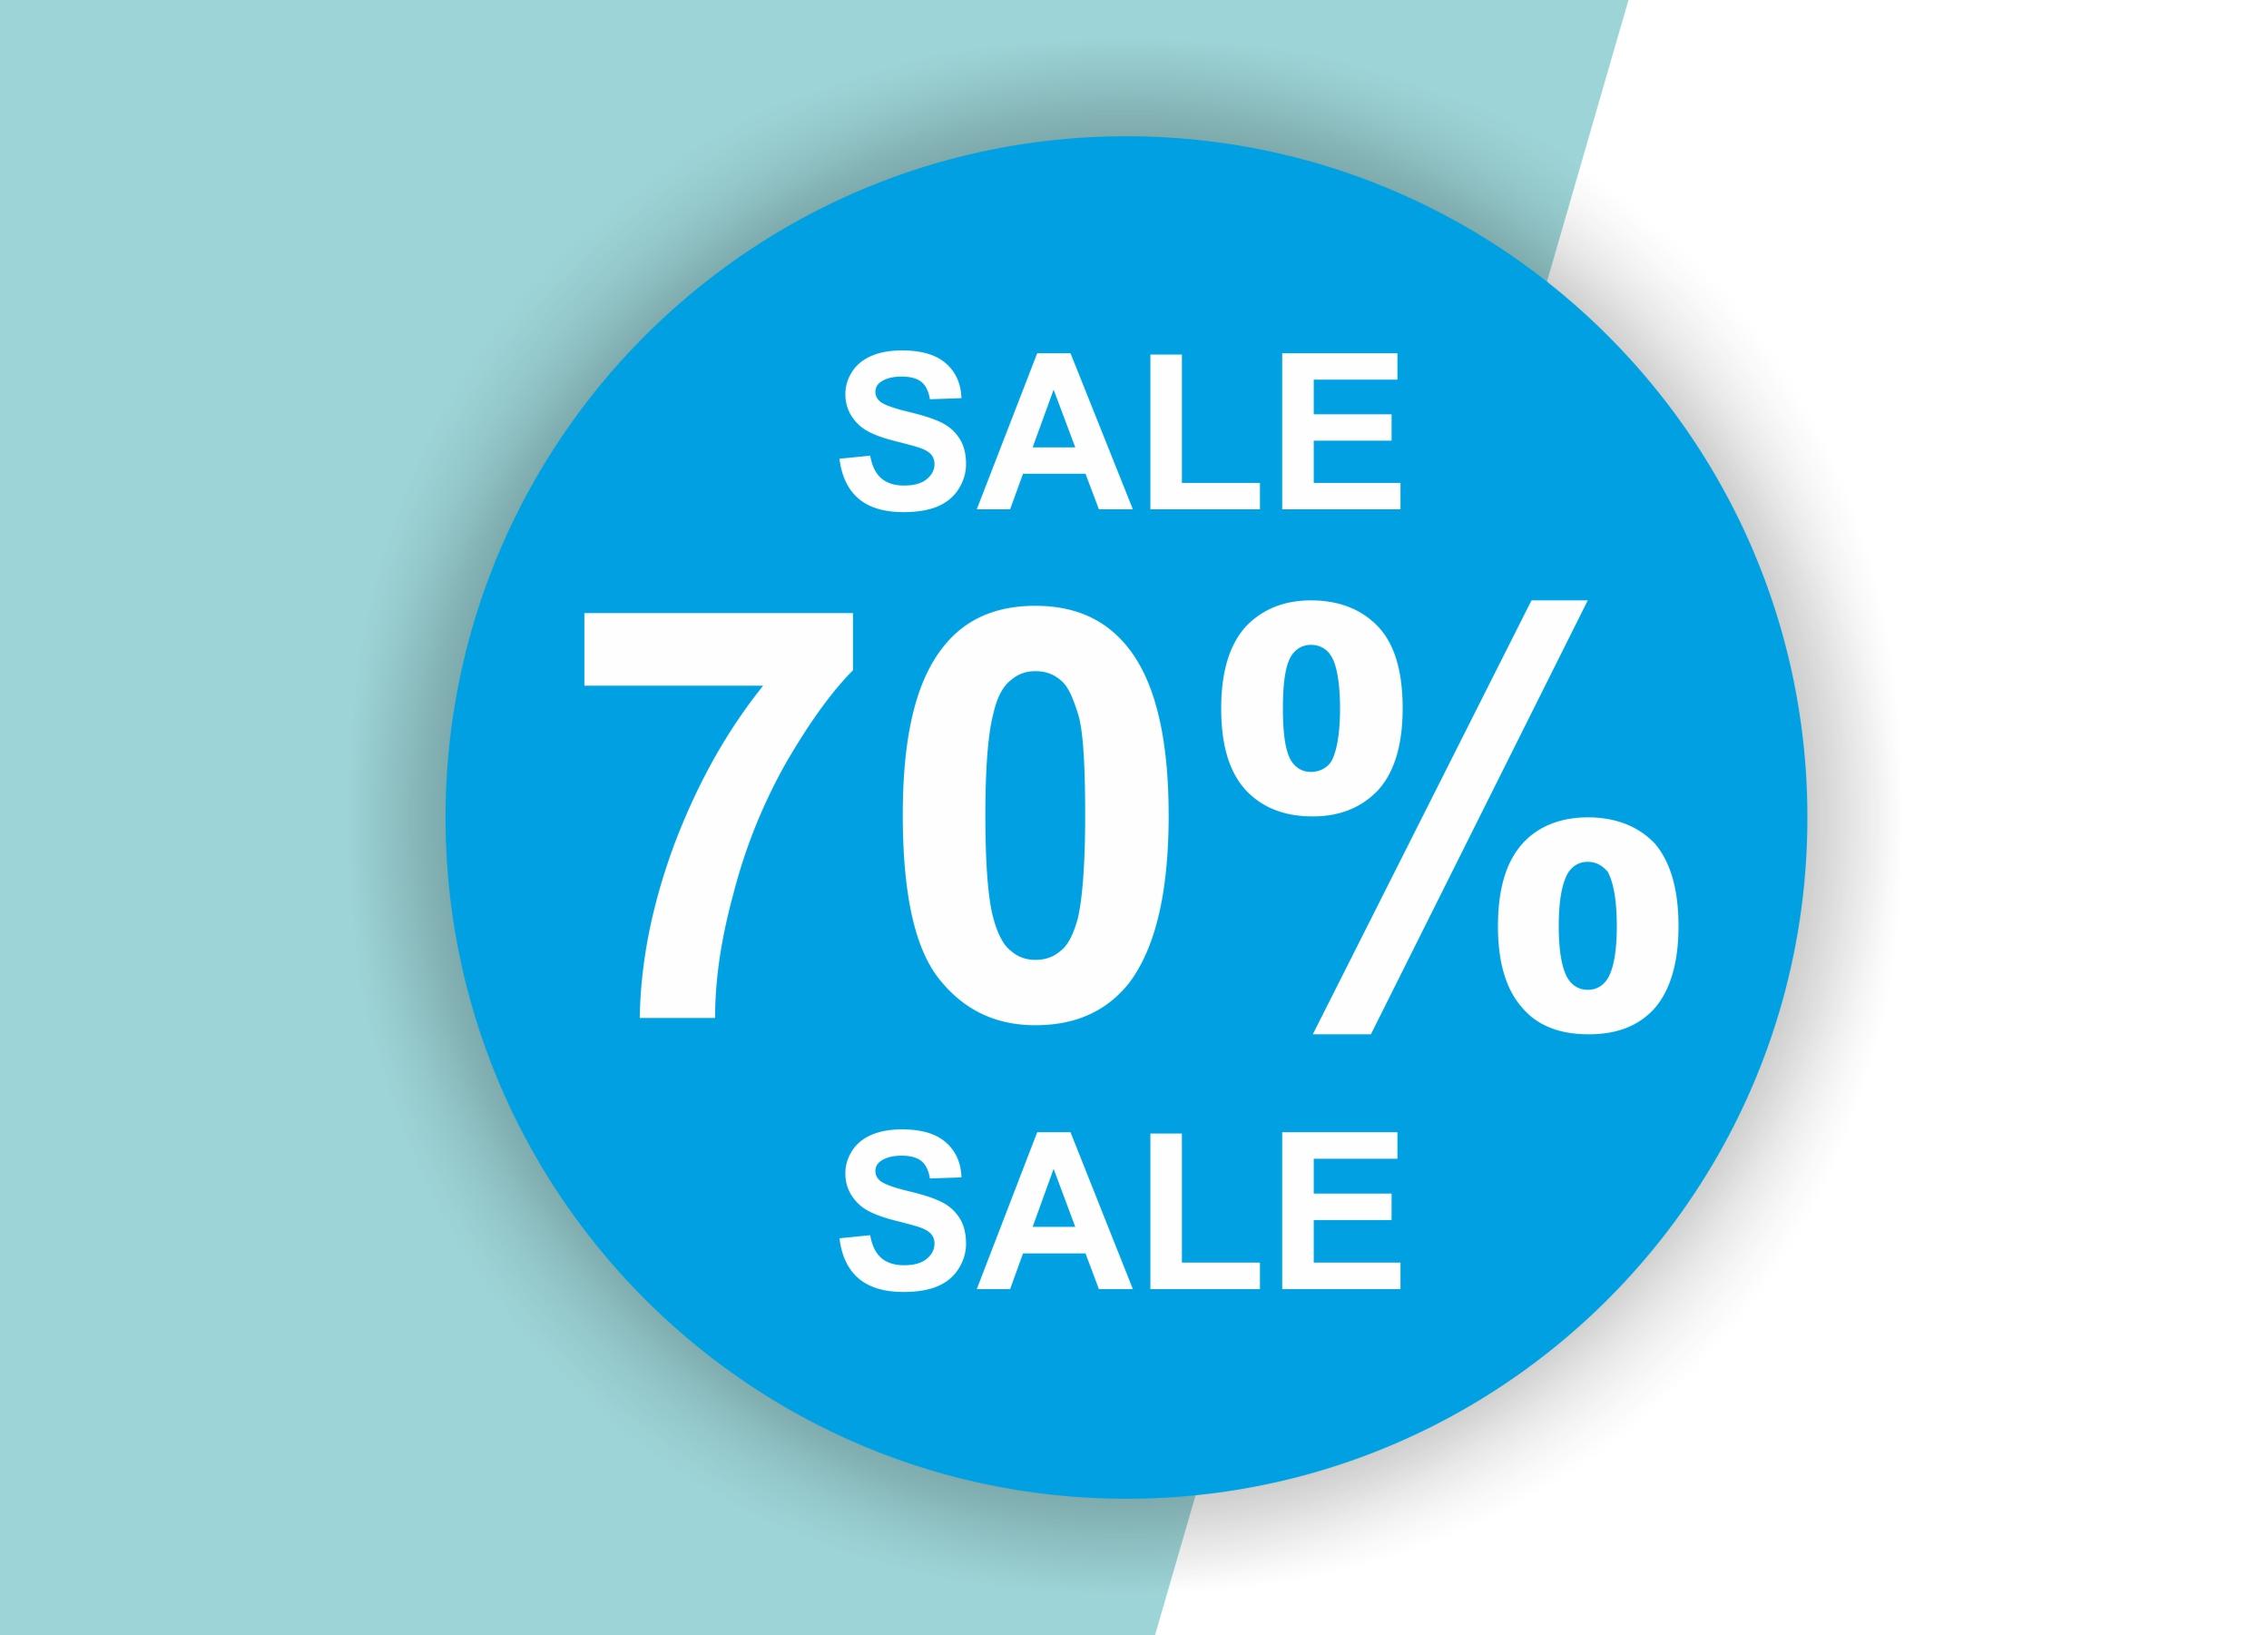 70% SALE Aufkleber Schaufenster Rabatt Ausverkauf Schlussverkauf SSV WSV % — Farbe: Blau-Weiß